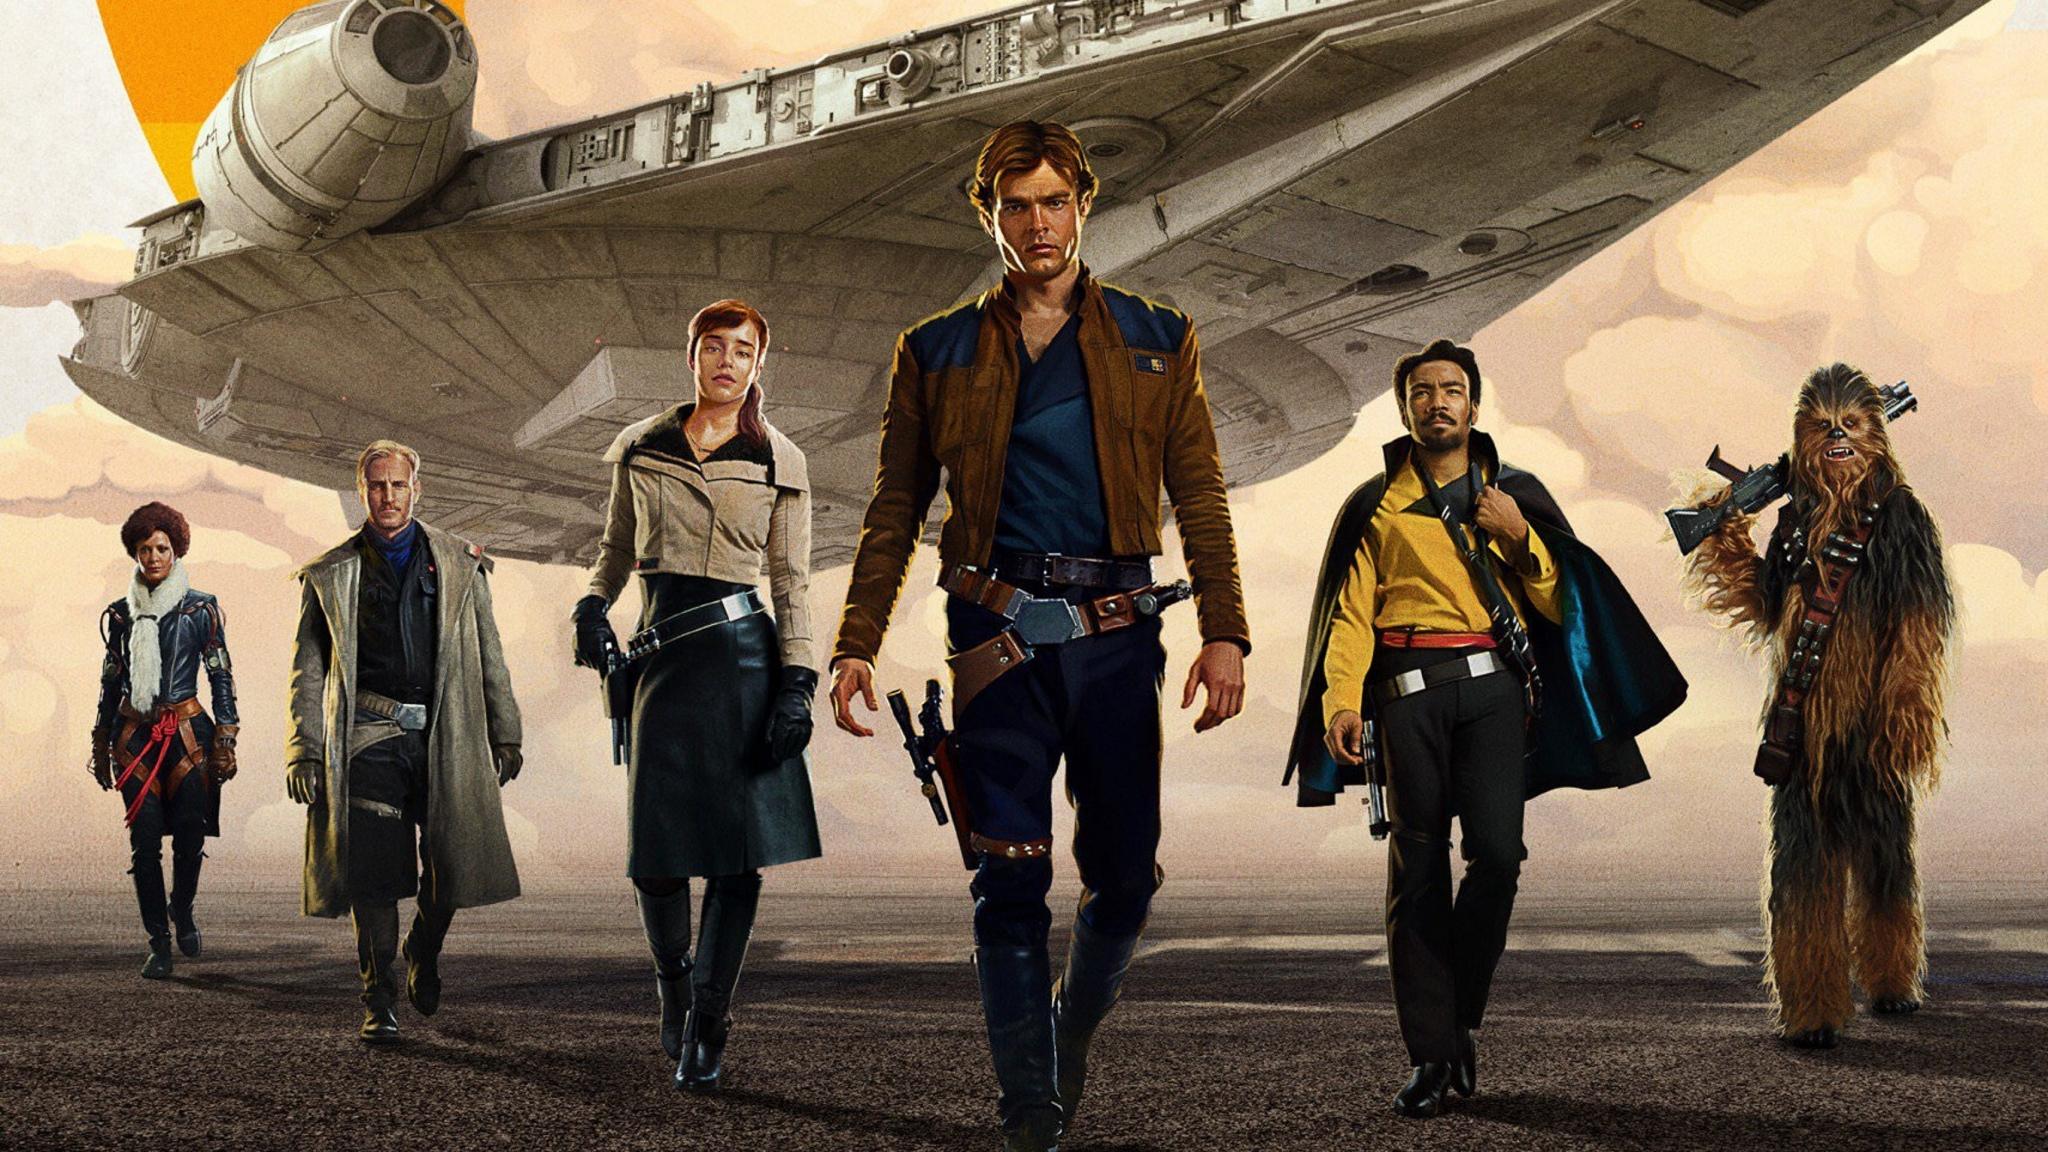 Solo A Star Wars Story Movie Hd 4k Wallpaper